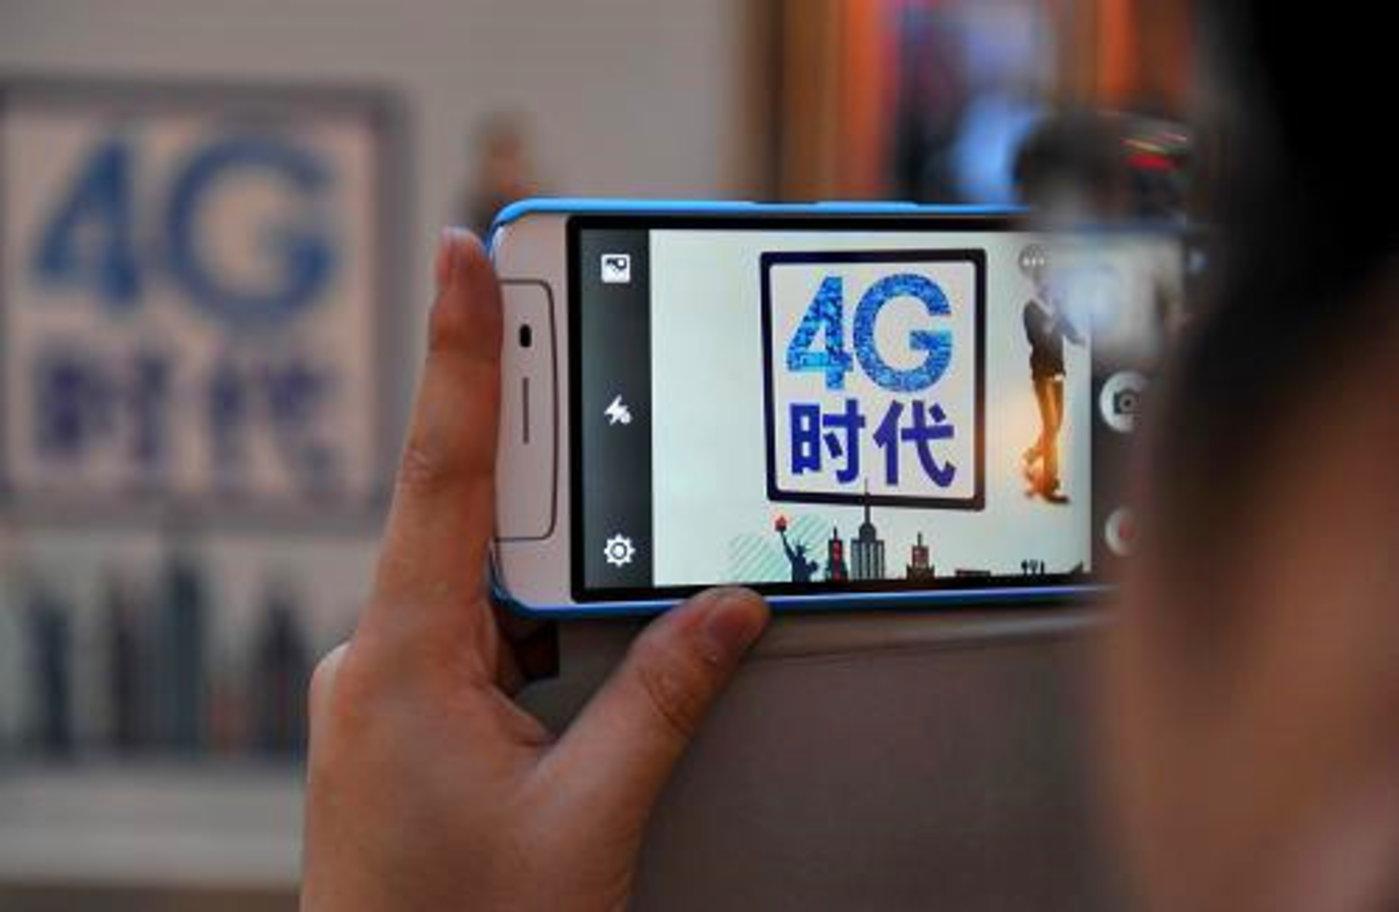 4G TD-LTE